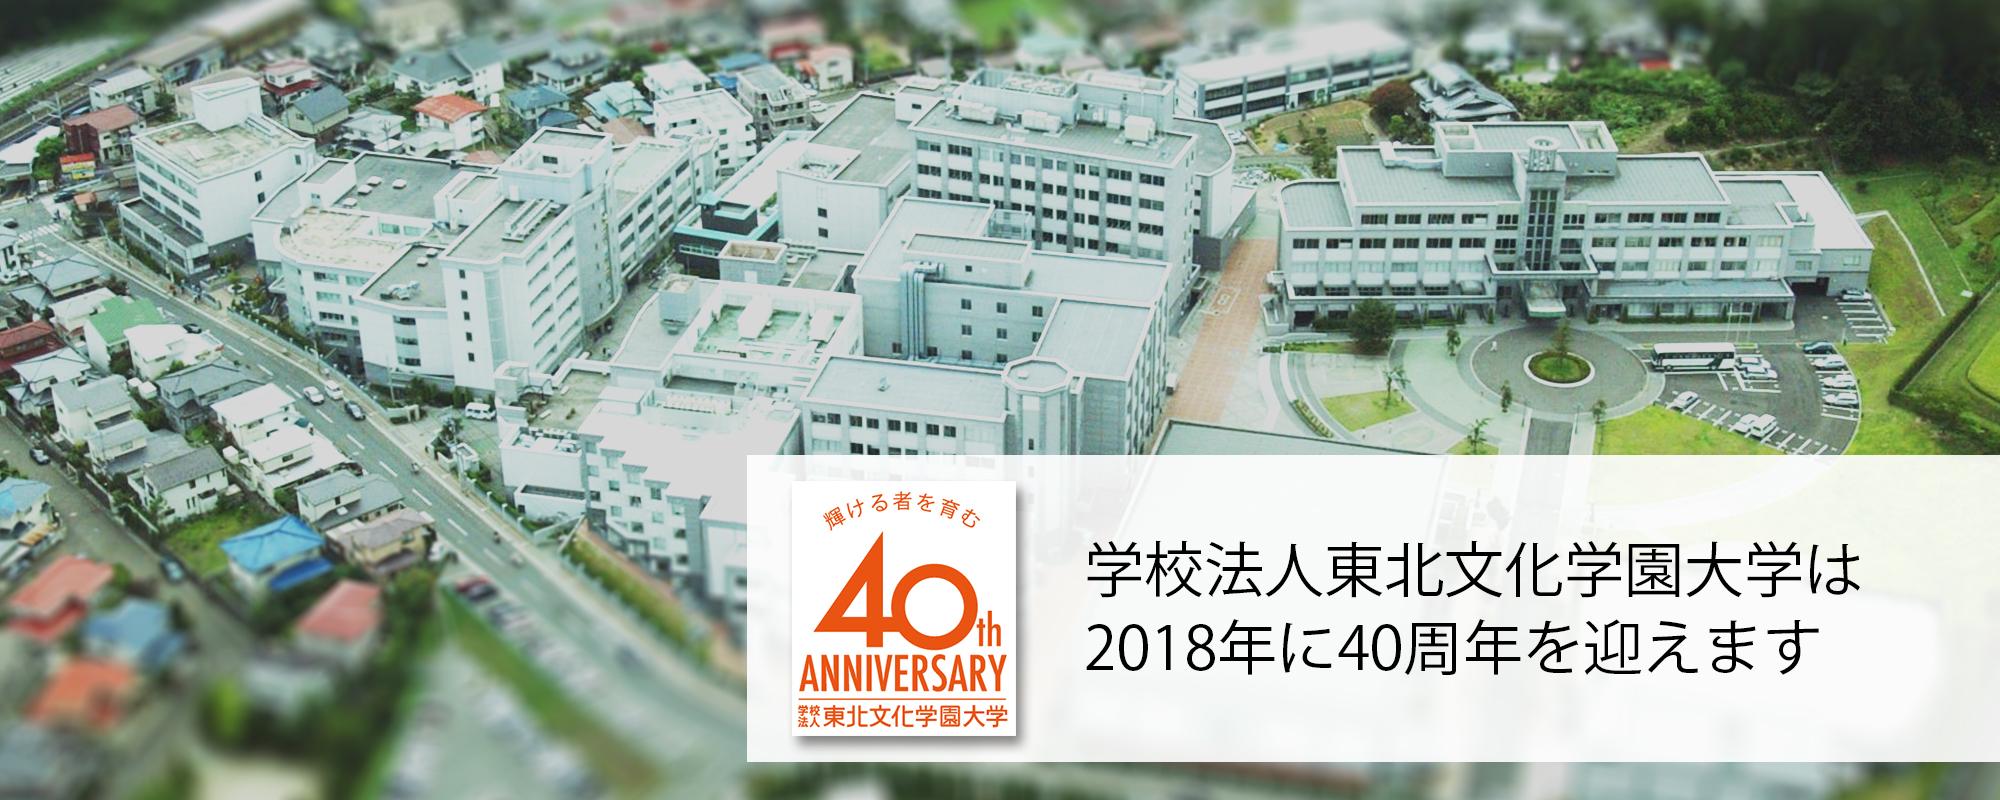 学校法人東北文化学園大学は40周年を迎えます